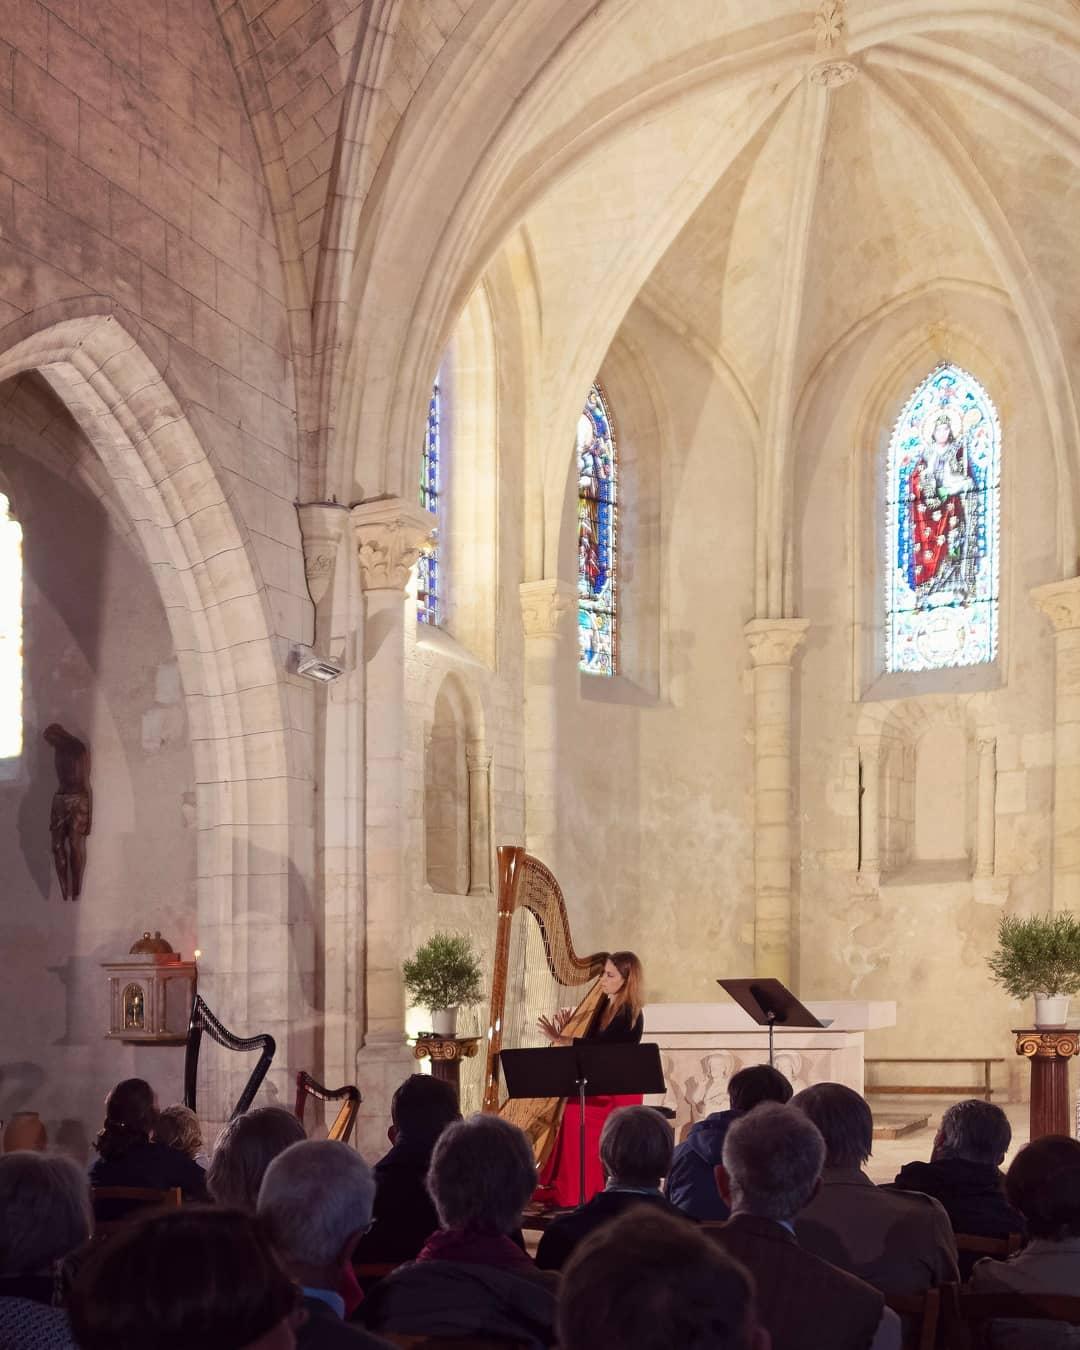 About last night's concert! Thanks for the warm welcome back to France  . . . Hier soir en Aquitaine ! Merci Baurech pour l'accueil chaleureux de retour en France  .